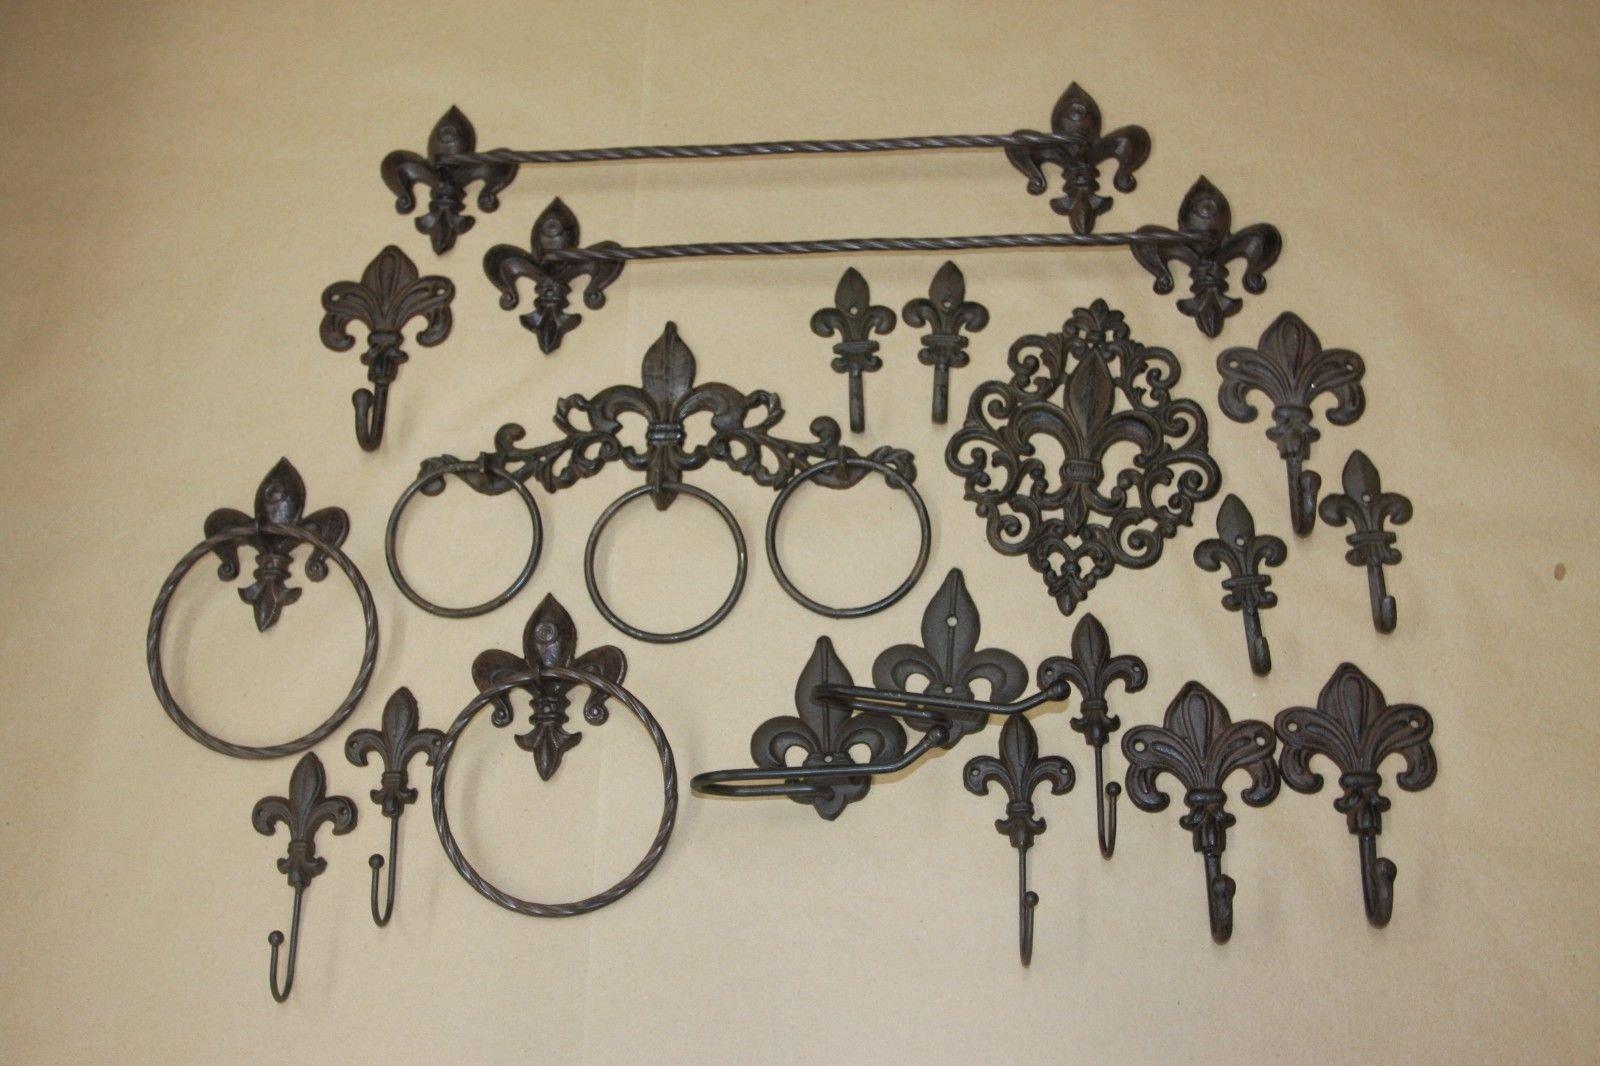 Deluxe Fleur De Lis Bath Accessories Collection Bundle 20 items, Marseille